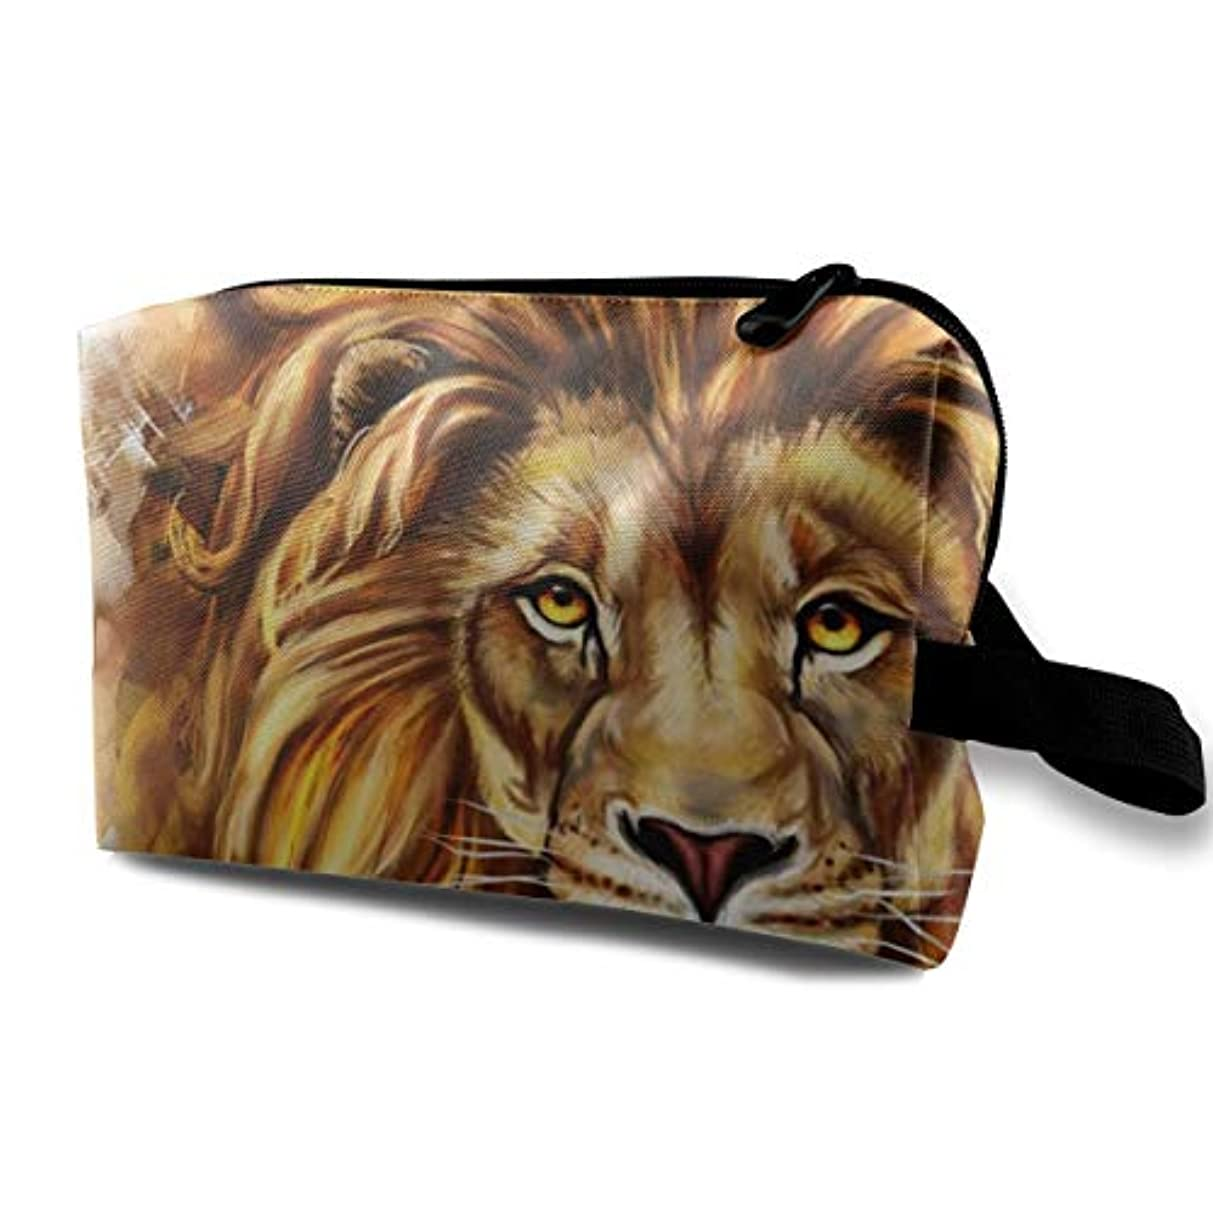 最も細分化する市民Cool Lion 収納ポーチ 化粧ポーチ 大容量 軽量 耐久性 ハンドル付持ち運び便利。入れ 自宅・出張・旅行・アウトドア撮影などに対応。メンズ レディース トラベルグッズ